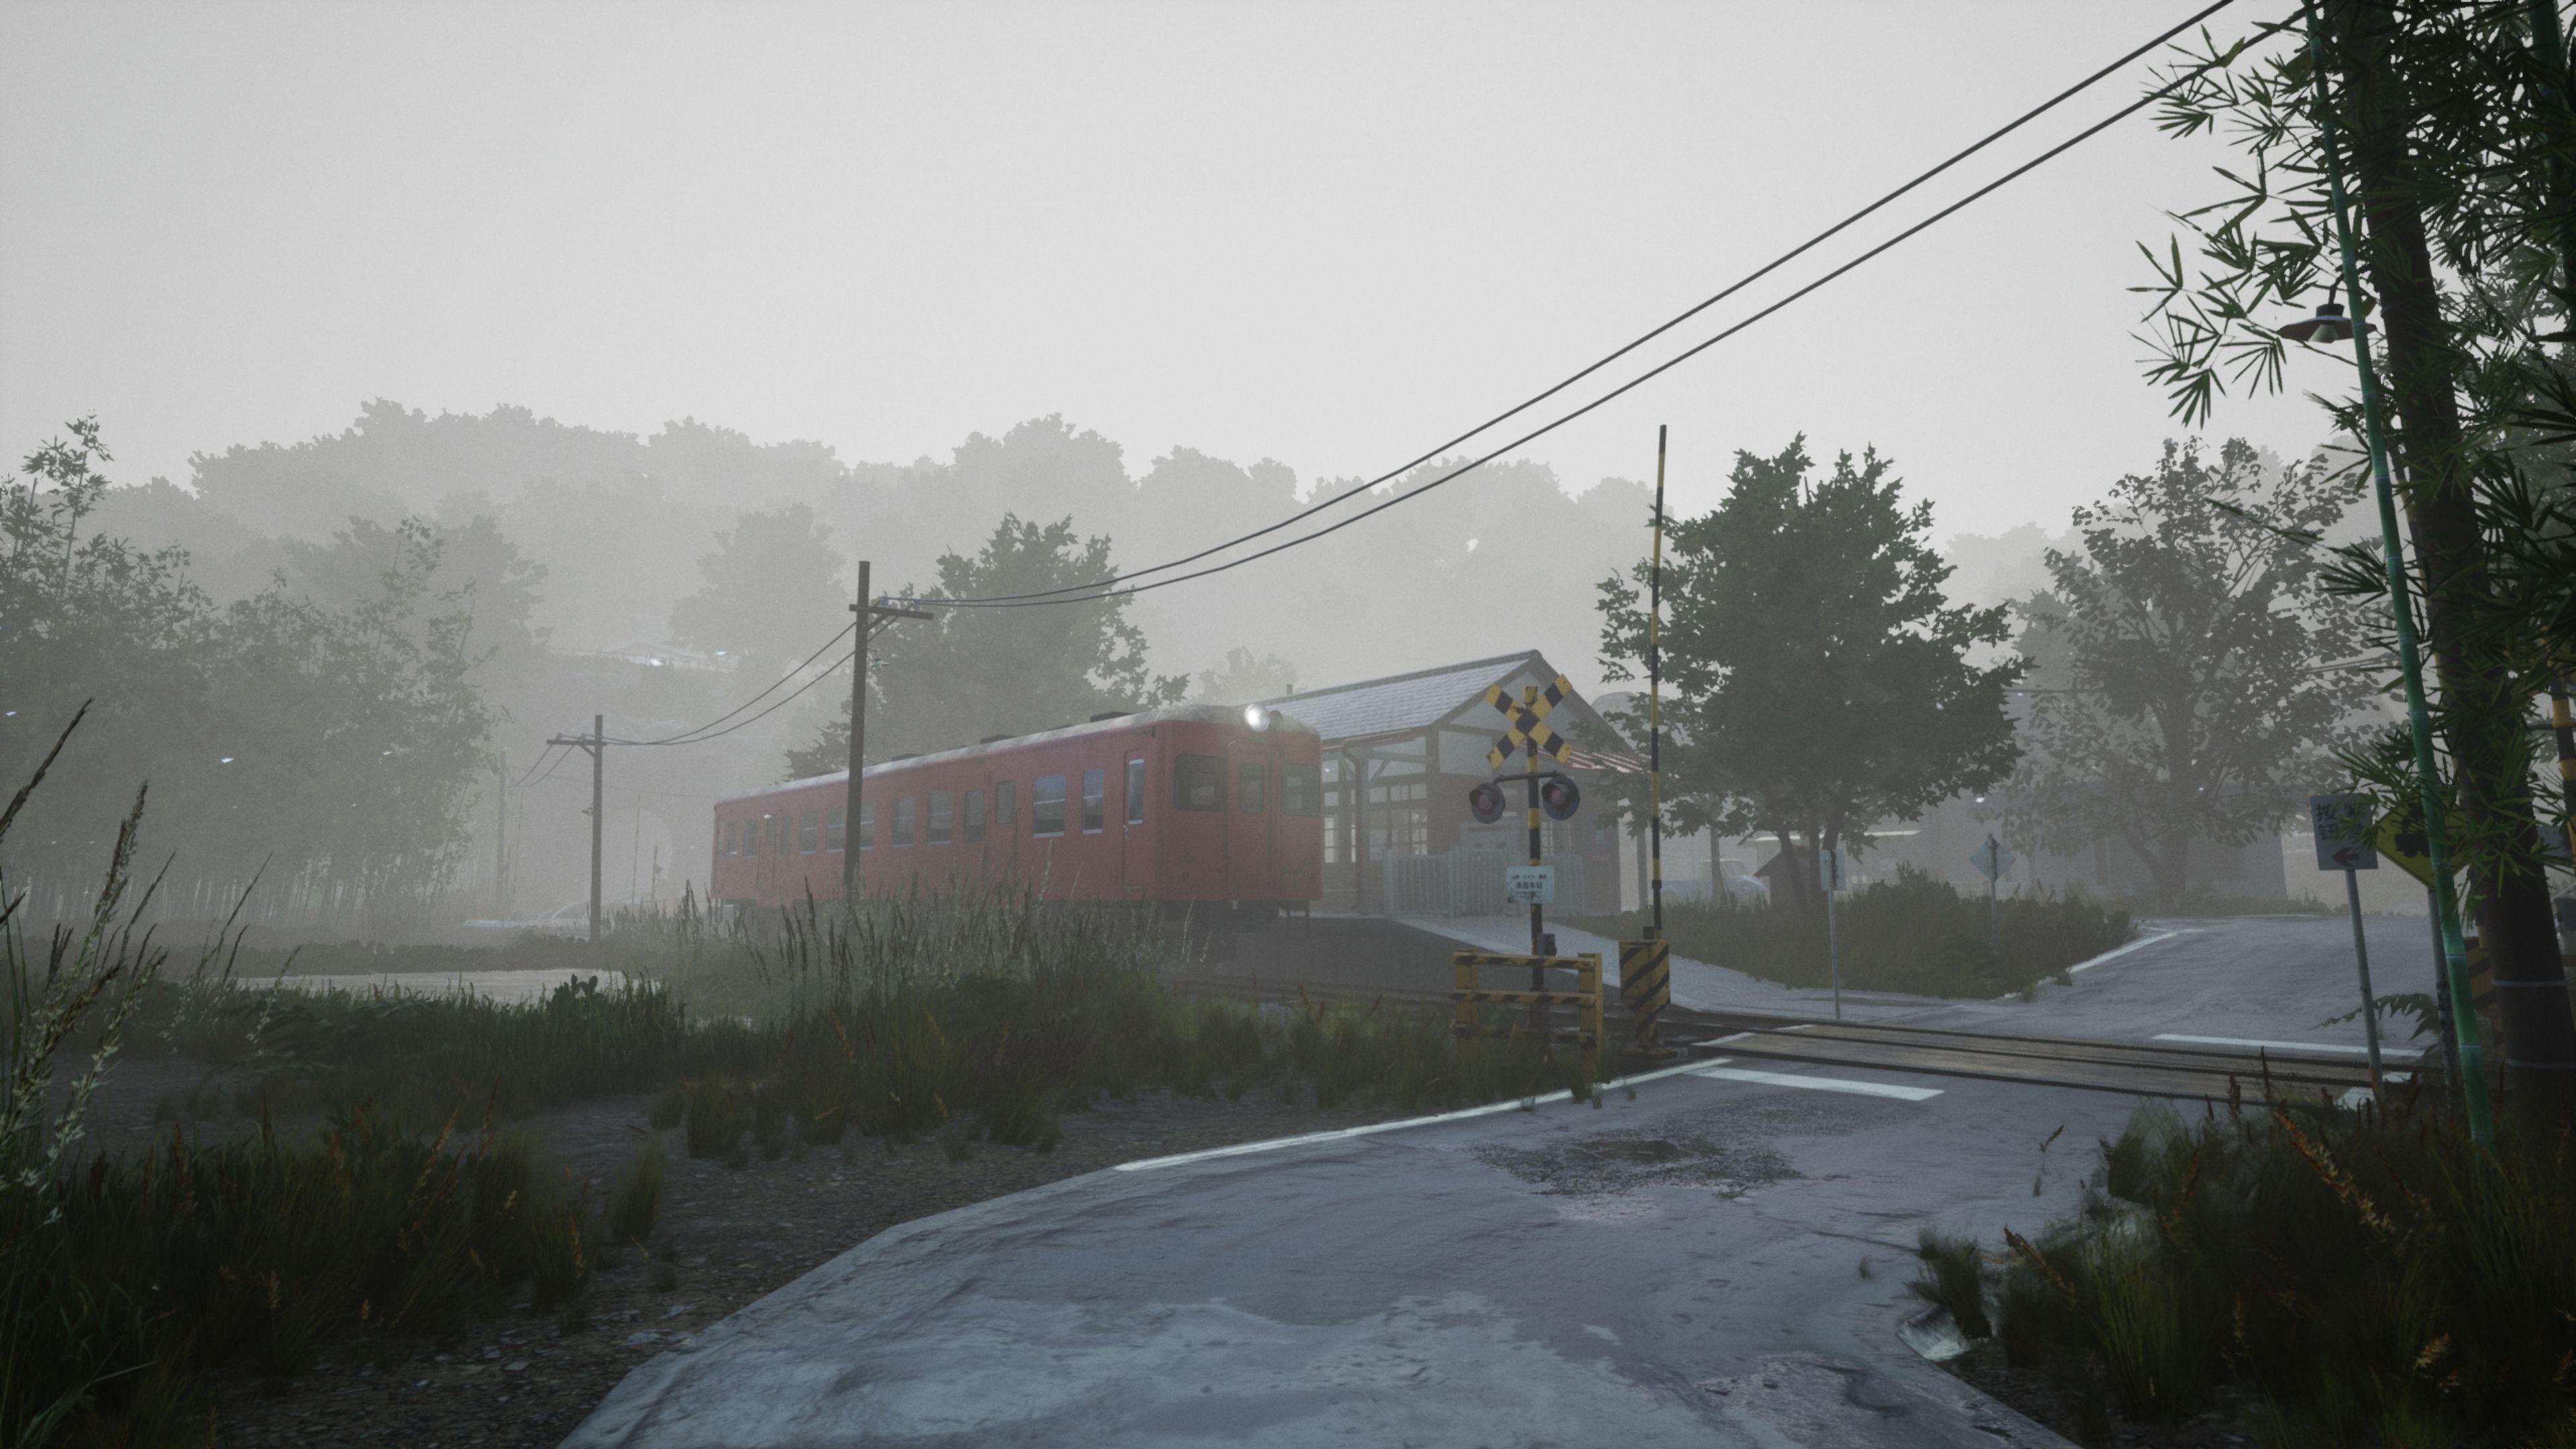 开始一场异常的夏日冒险——《追忆列车》